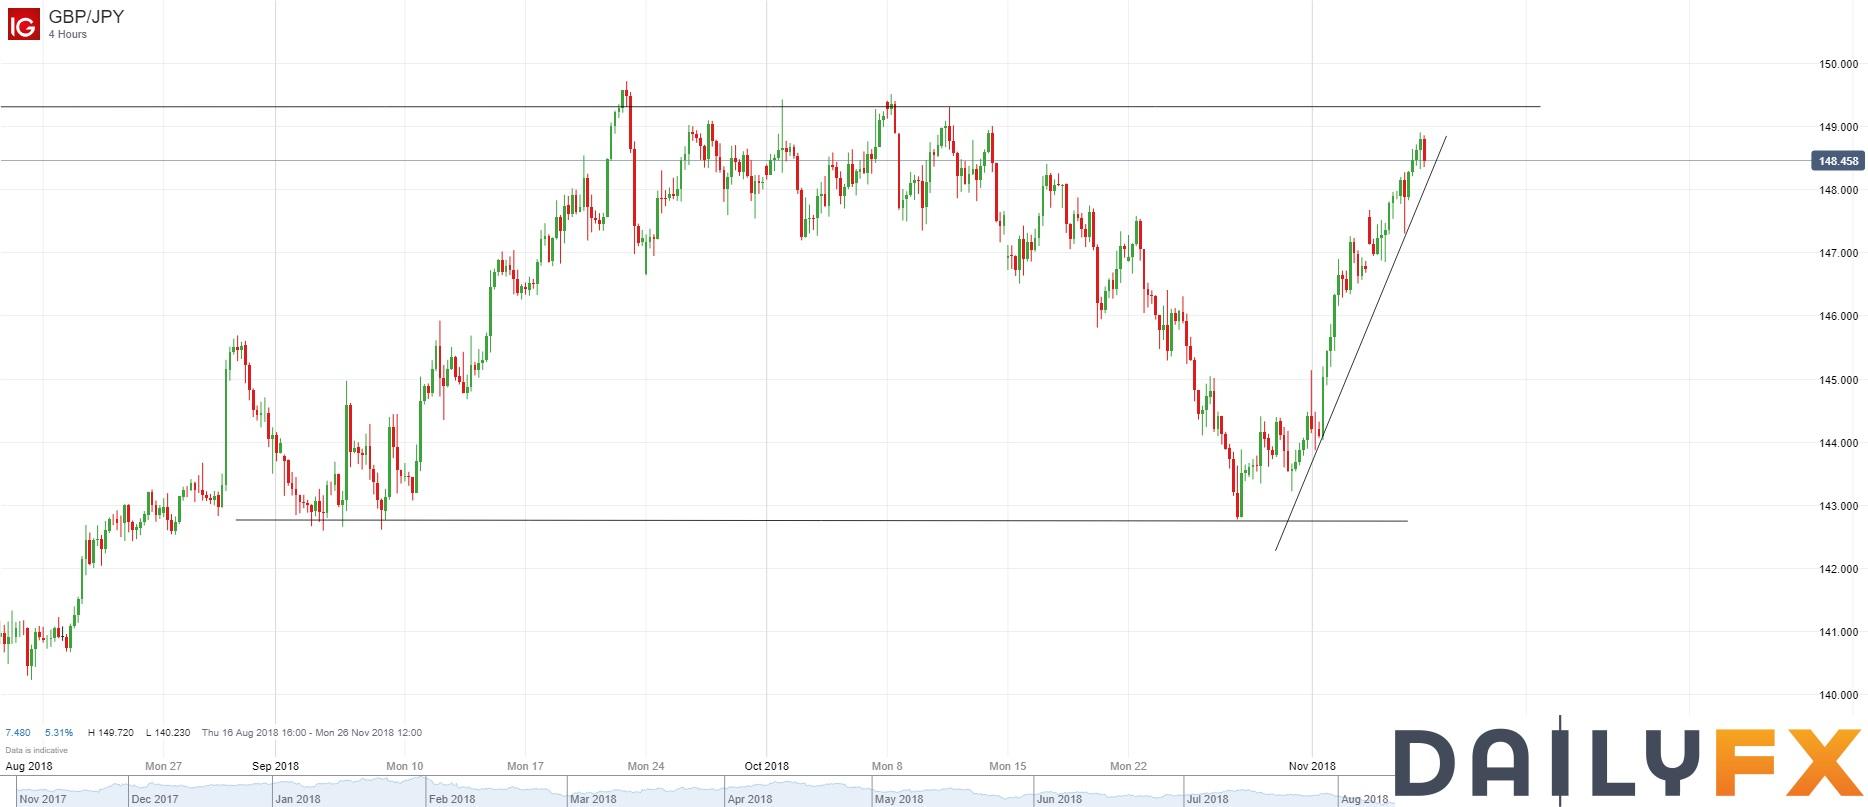 英镑/日元技术分析:持续上行,接近重要阻力149.00